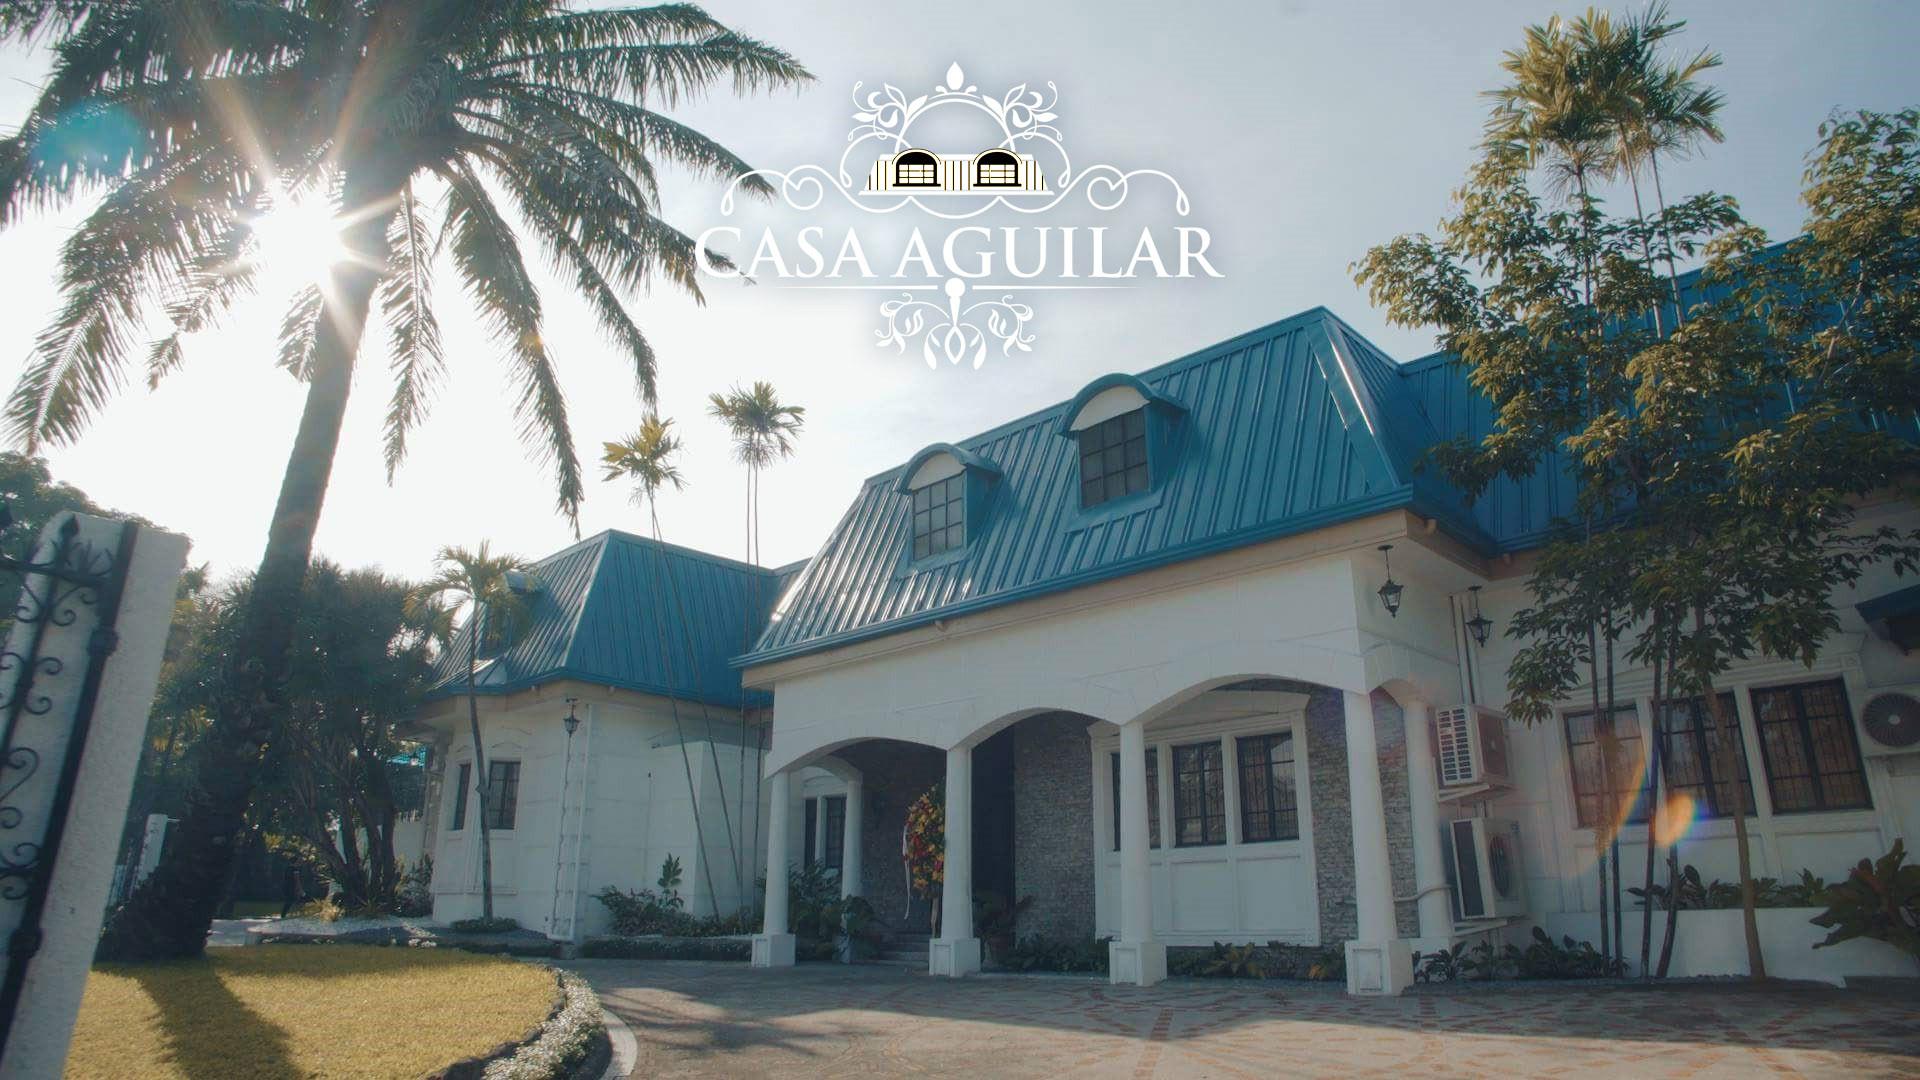 Events Venue Las Piñas City Philippines Casa Aguilar